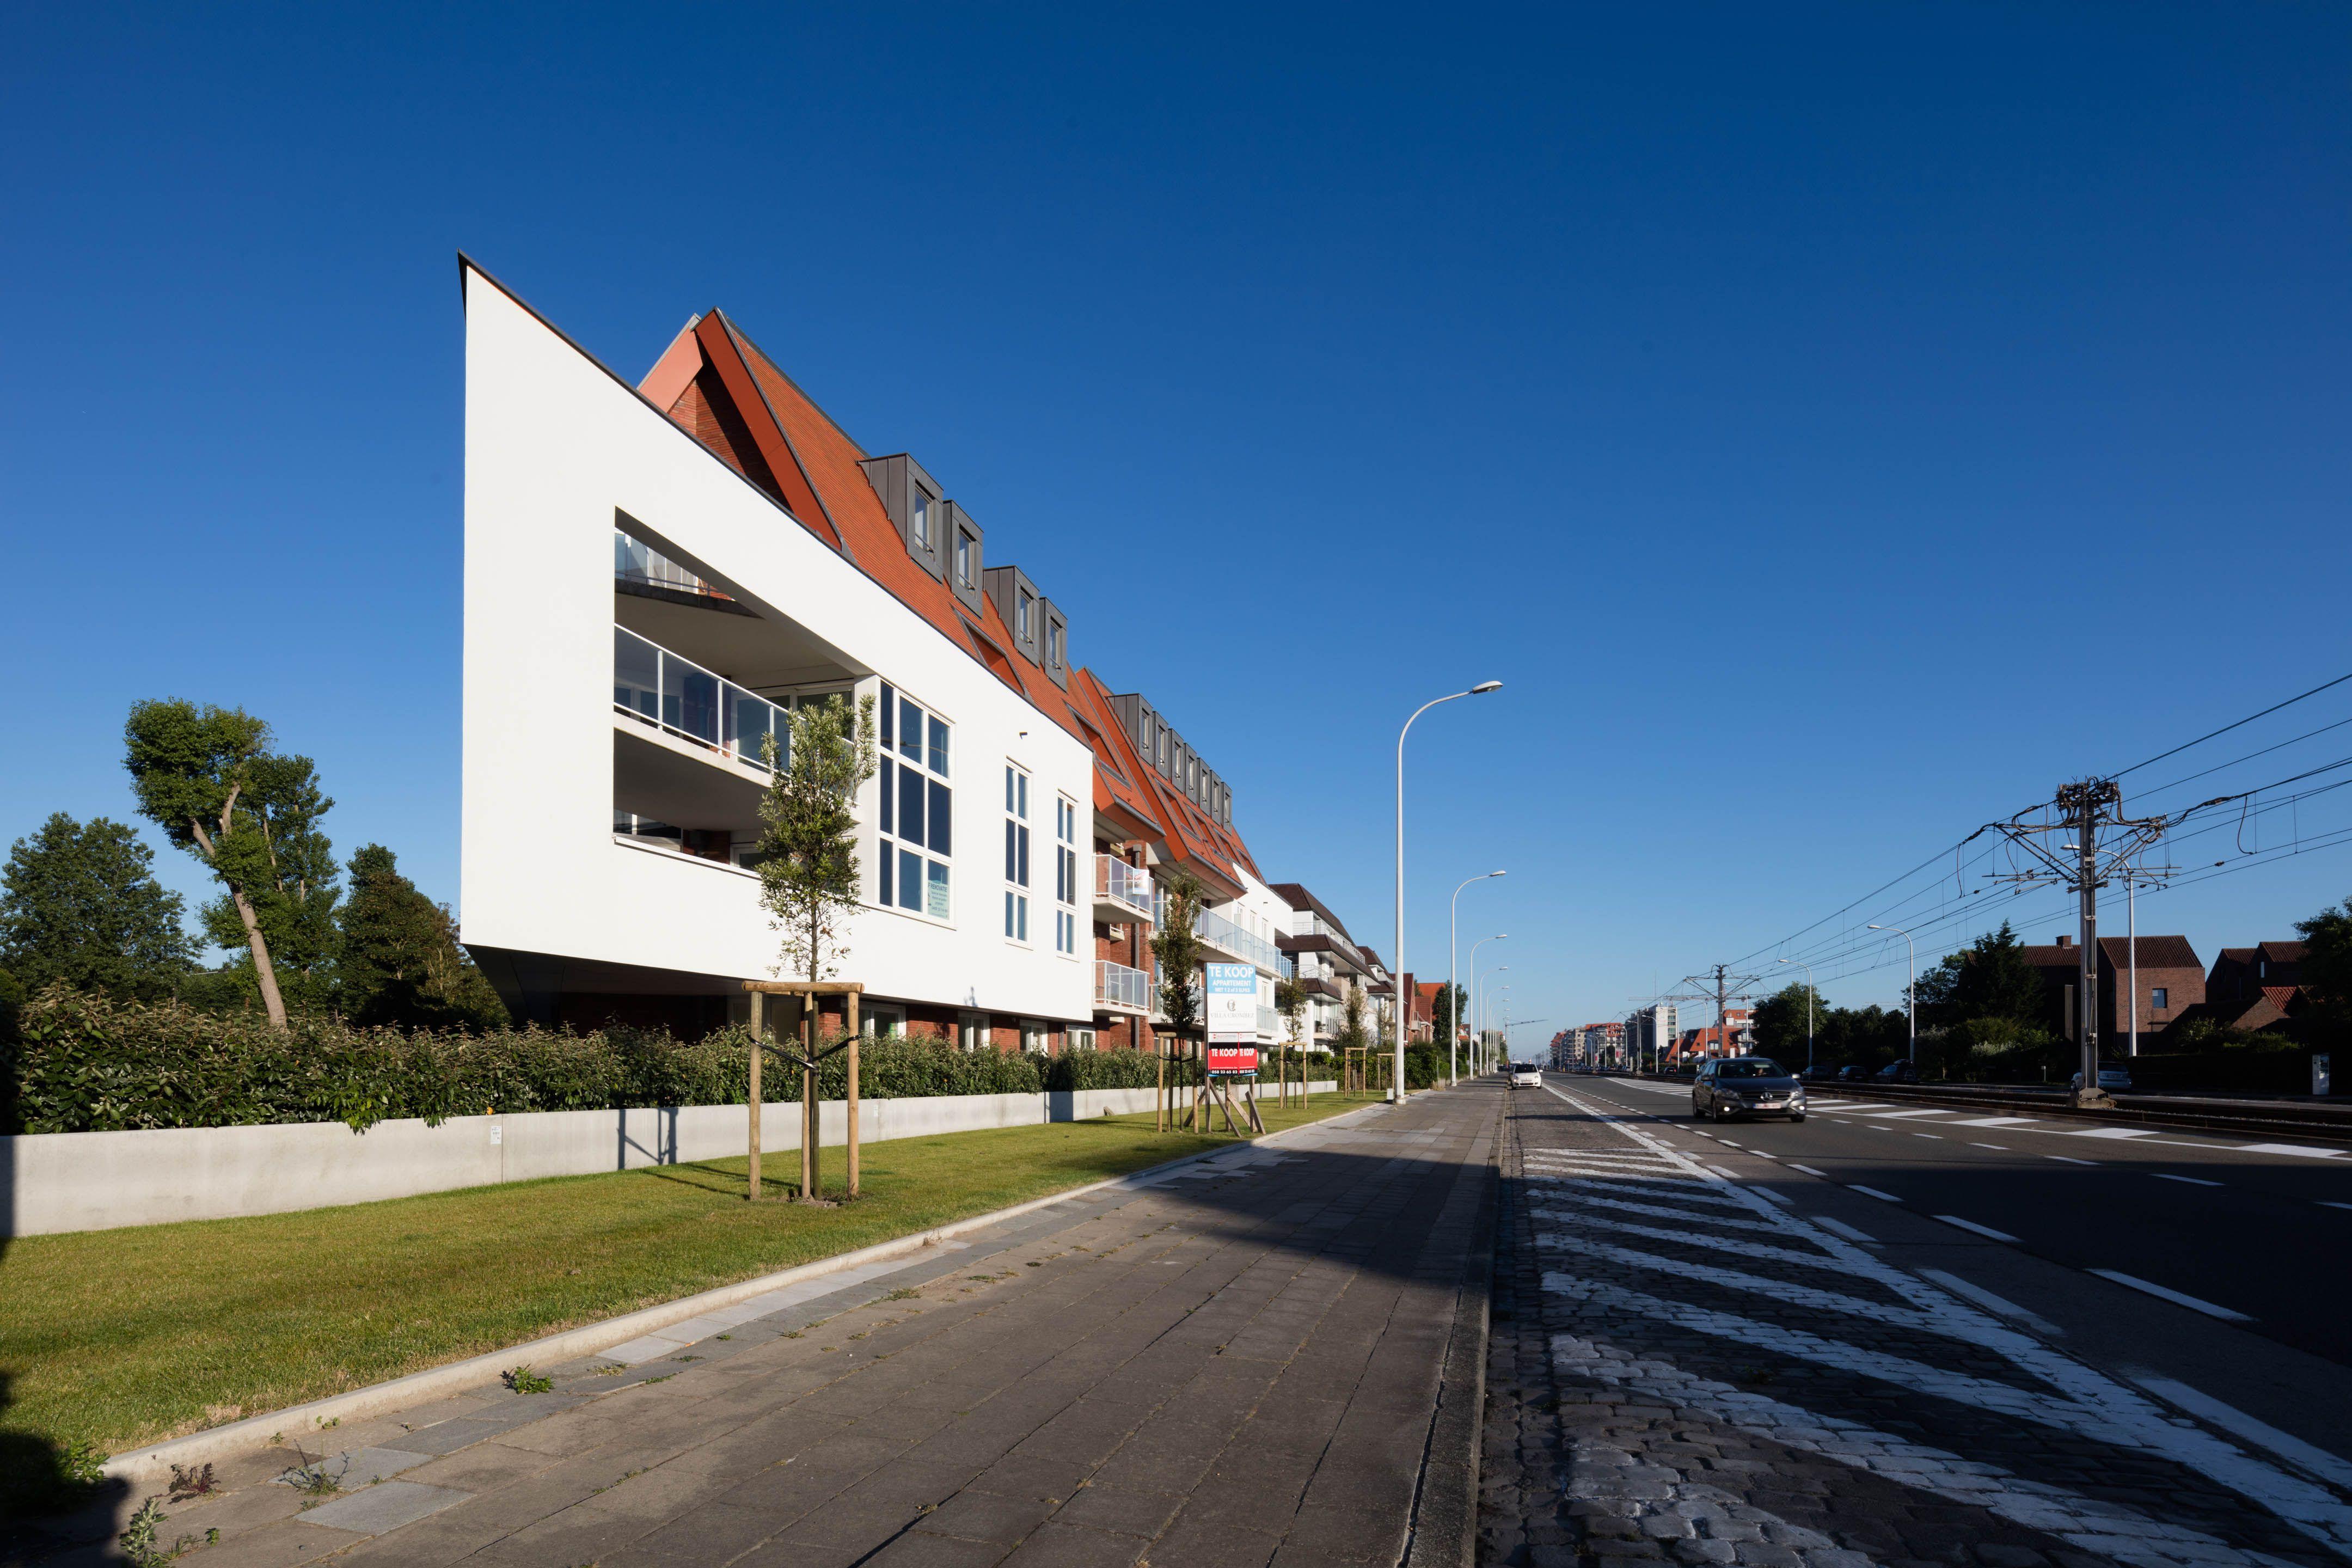 Appartement Residentie Villa Crombez Nieuwpoort - 9794